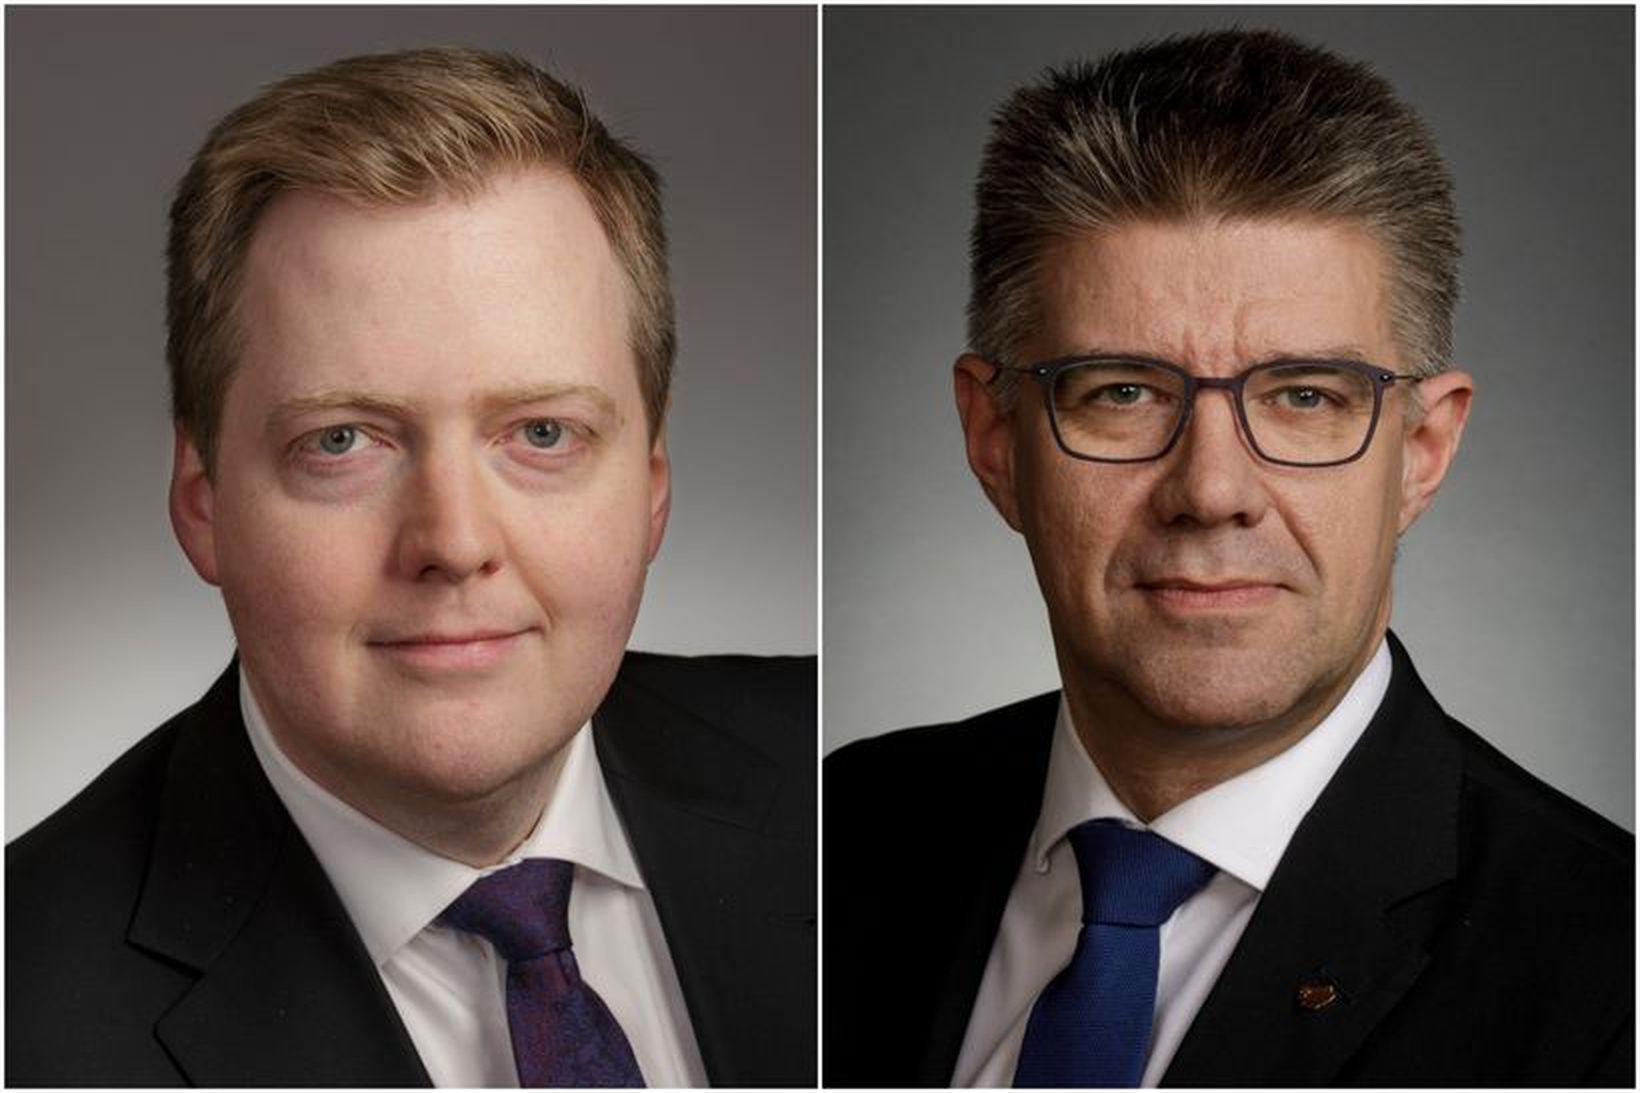 Sigmundur Davíð Gunnlaugsson og Gunnar Bragi Sveinsson.